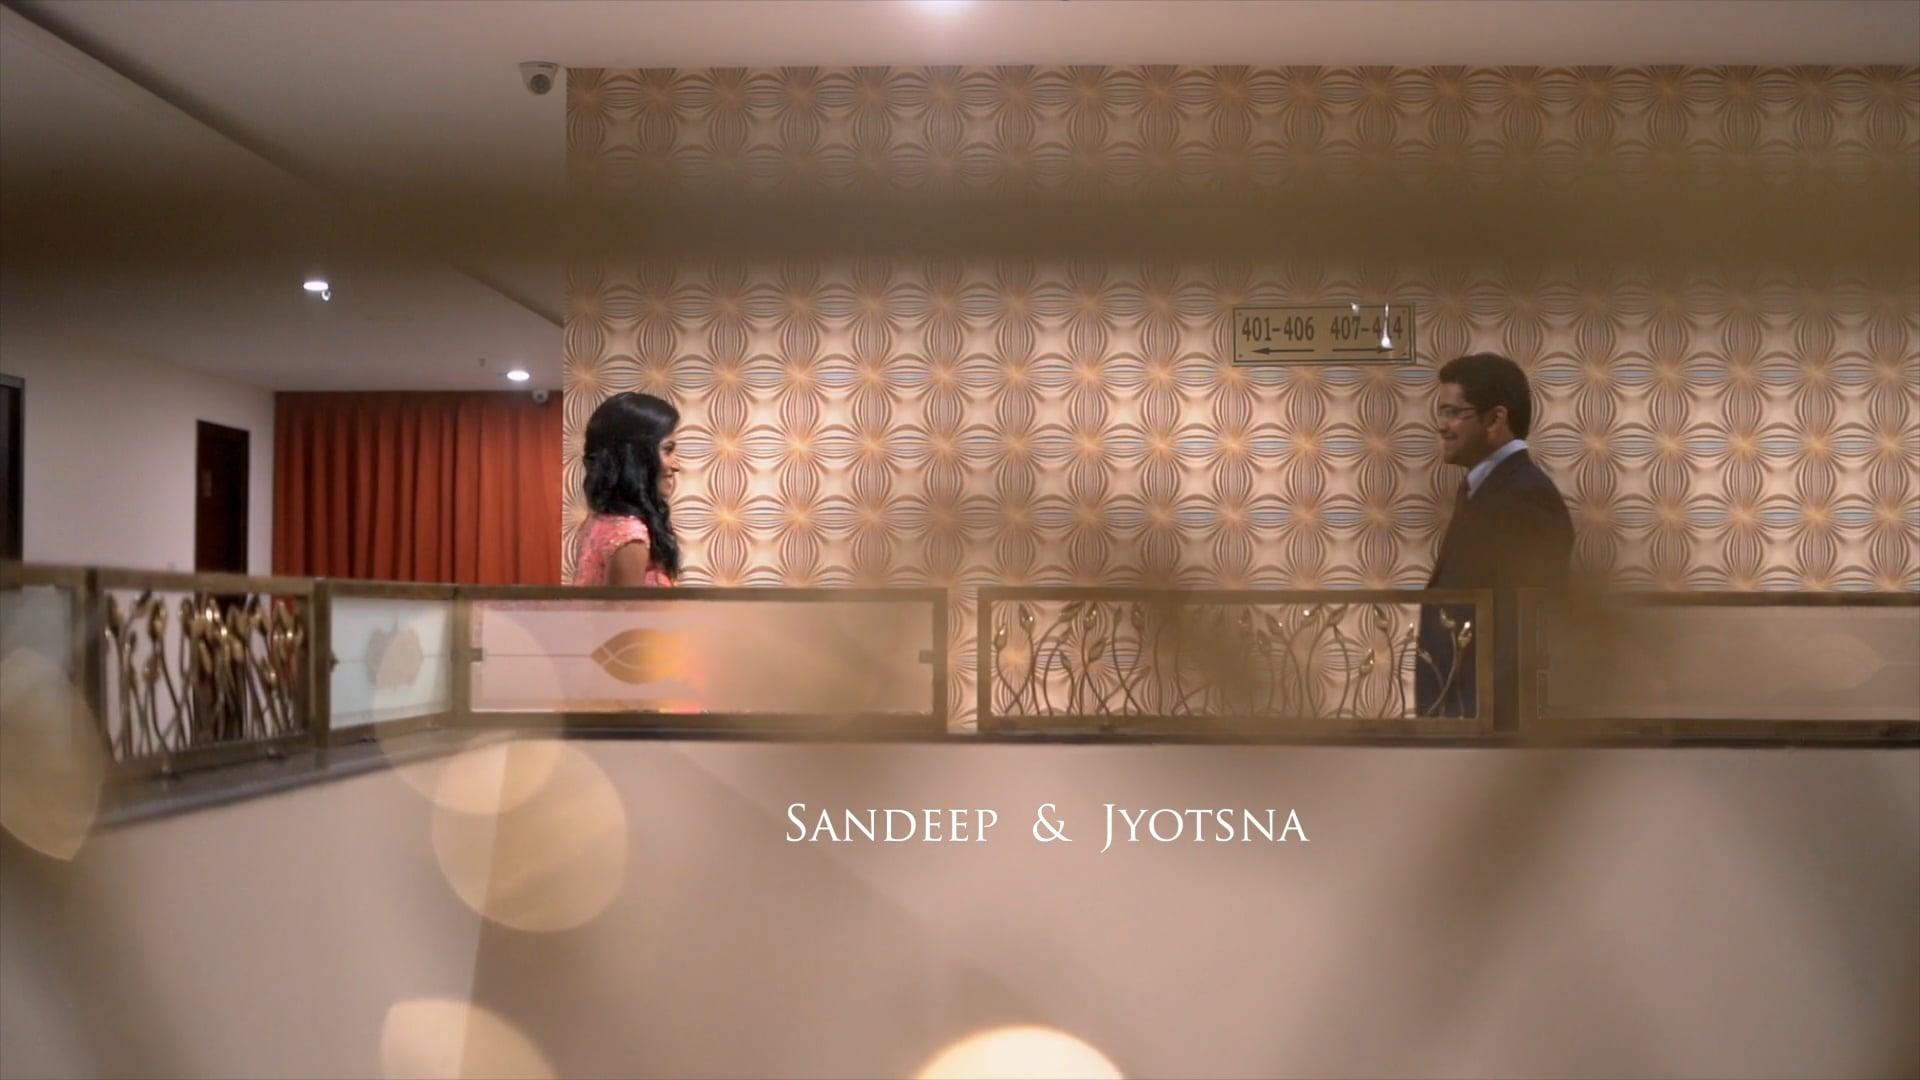 Sandeep & Jyotsna Trailer